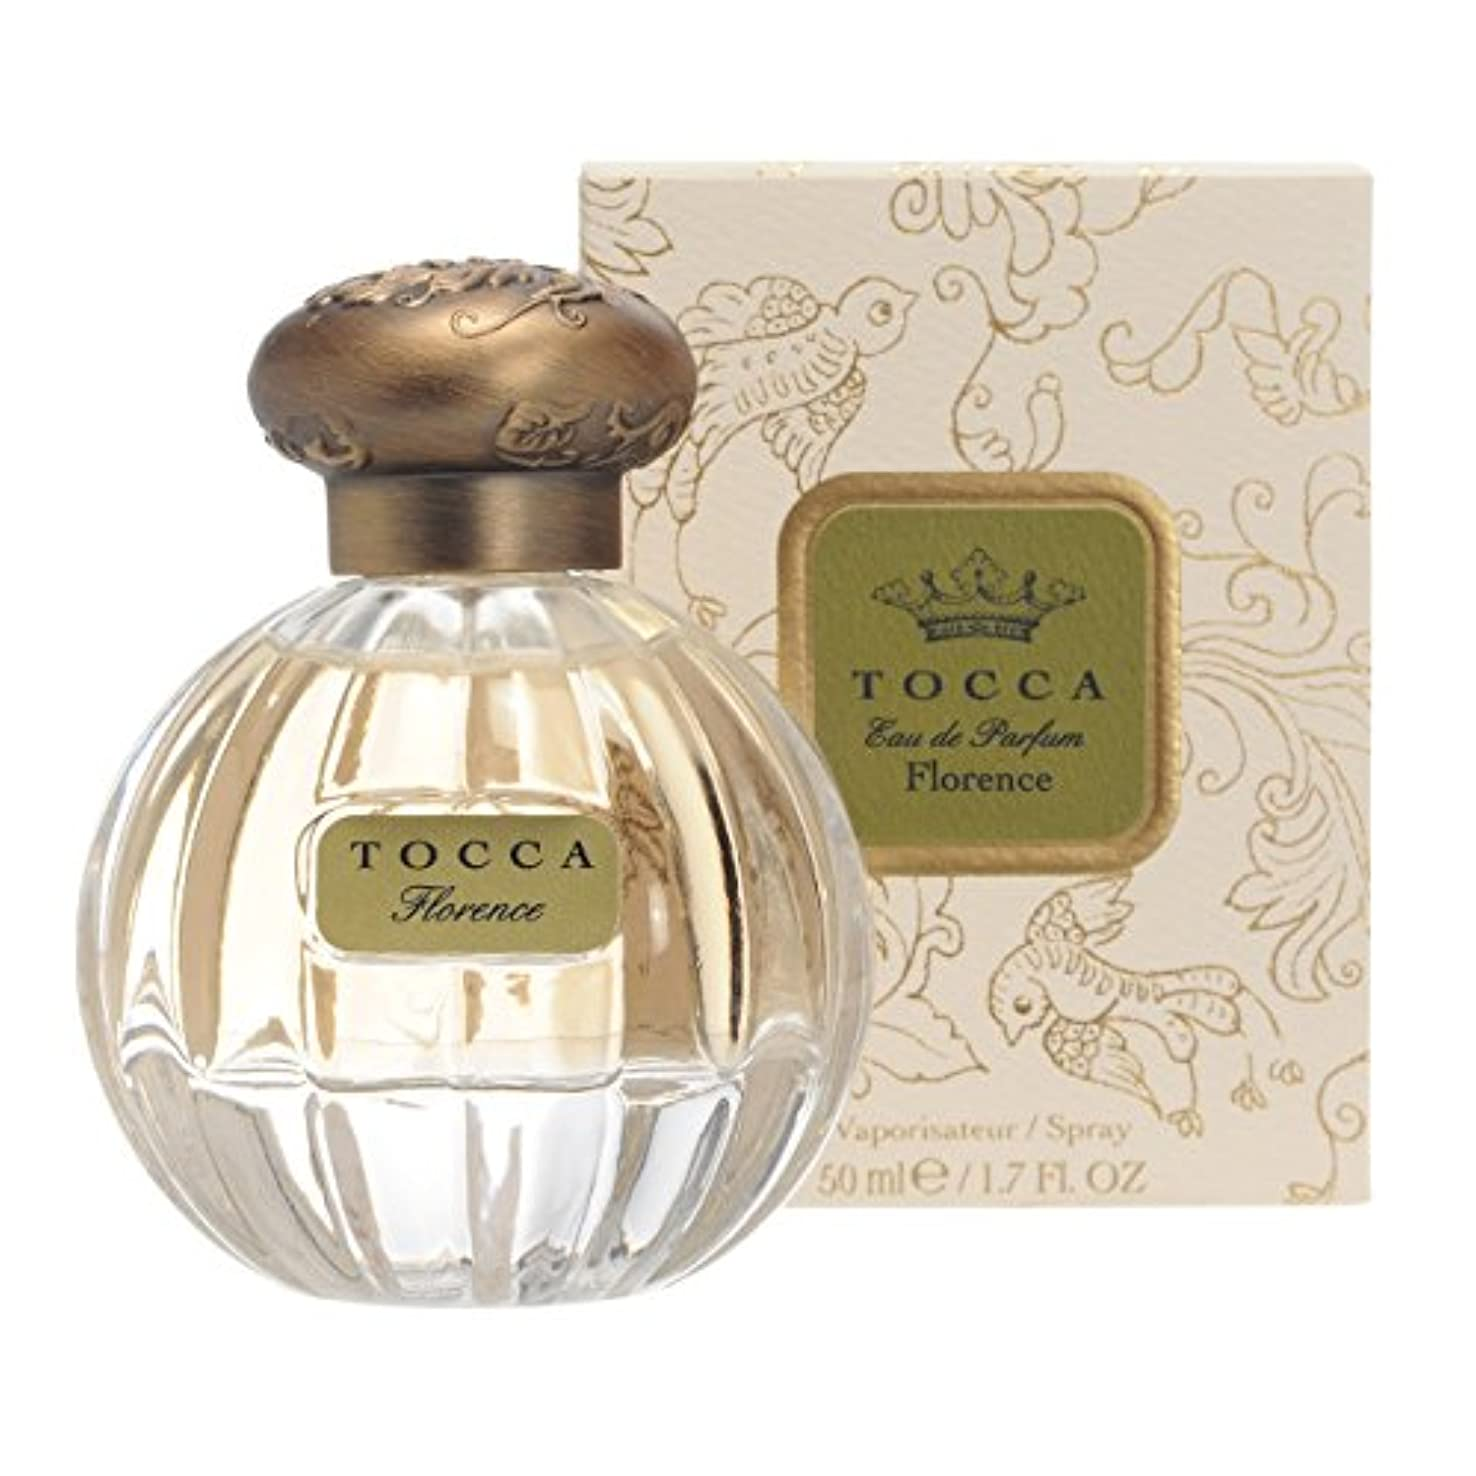 天窓換気もっとトッカ(TOCCA) オードパルファム フローレンスの香り 50ml(香水 パリジェンヌの洗練された美しさを演出する、ガーデニアとスミレが漂う上品なフローラルの香り)